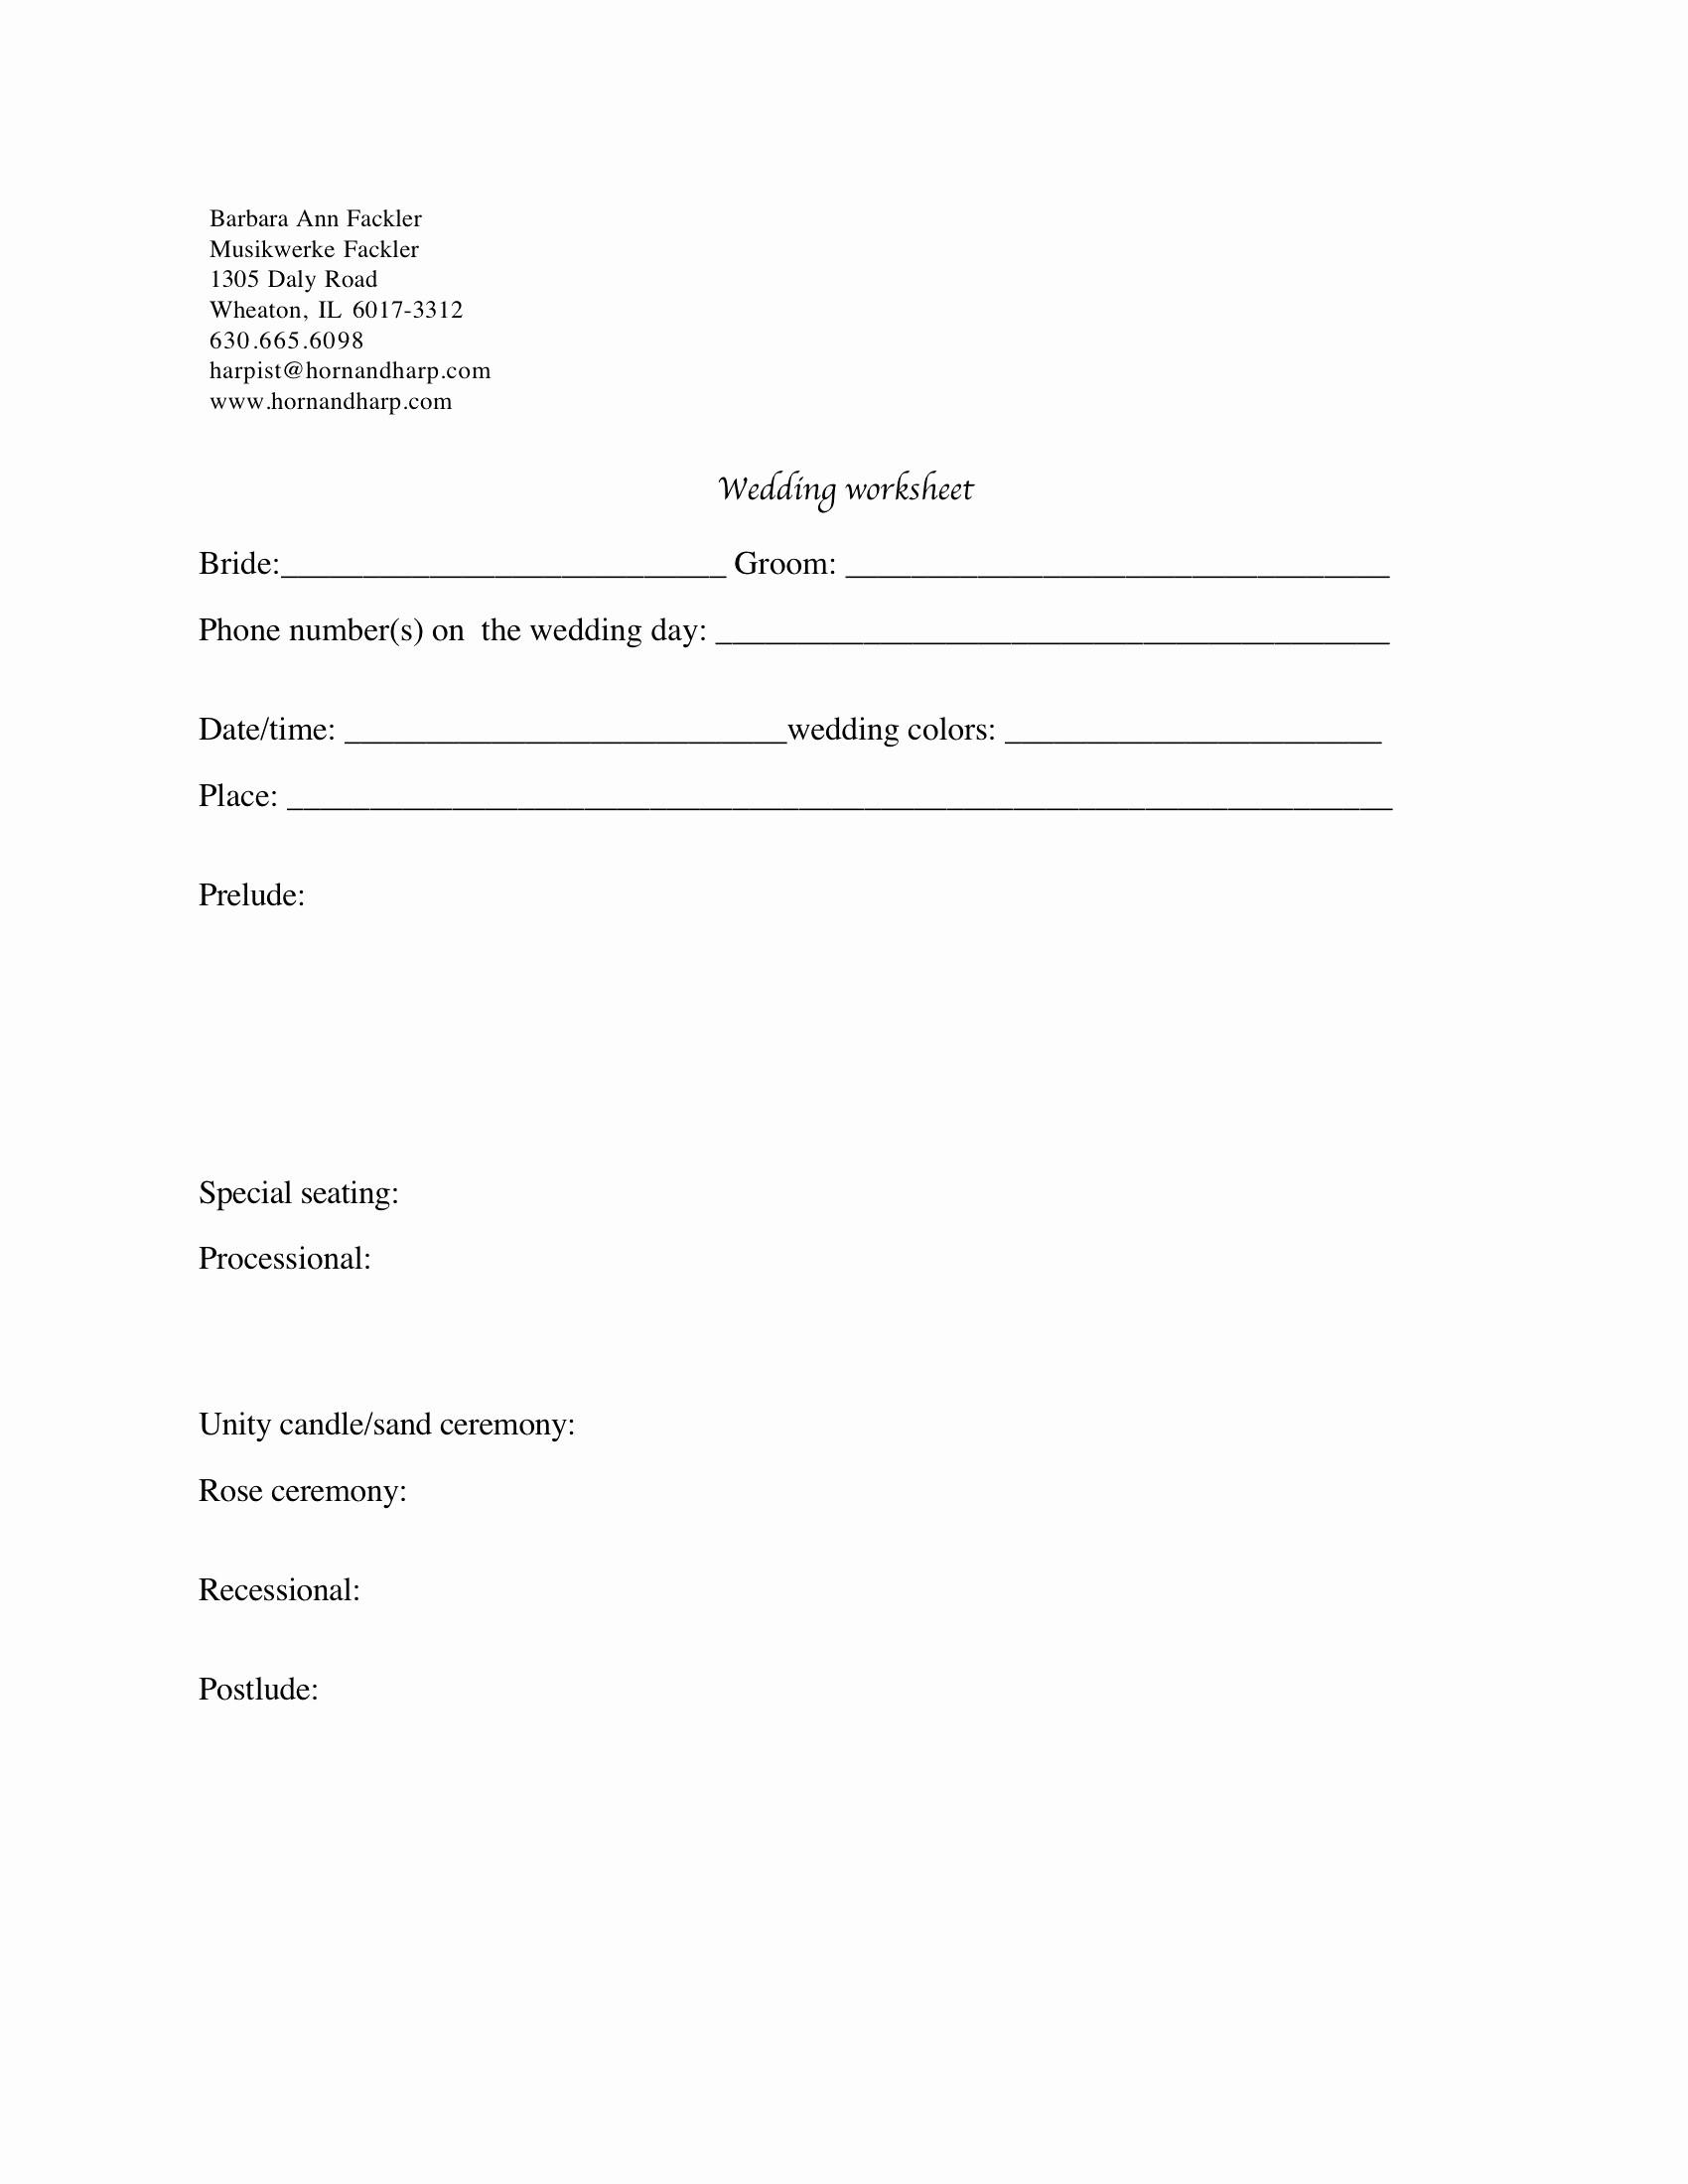 Wedding Guest List Worksheet Printable Inspirational 15 Best Of Wedding Guest List Worksheets